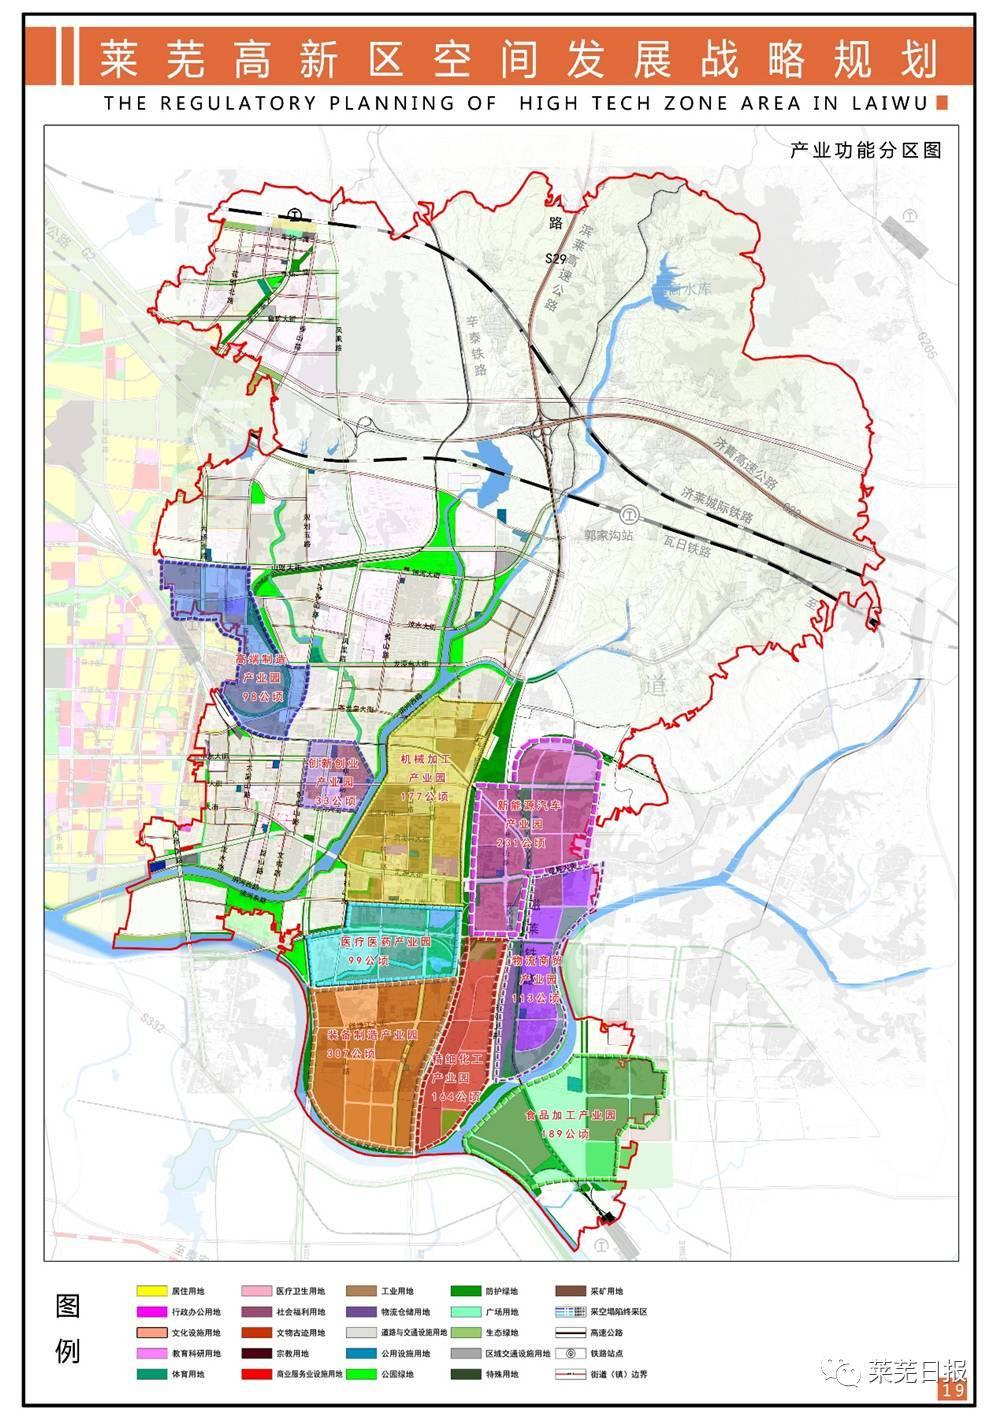 莱芜高新区最新规划来了!将成为全市发展的关键性区域